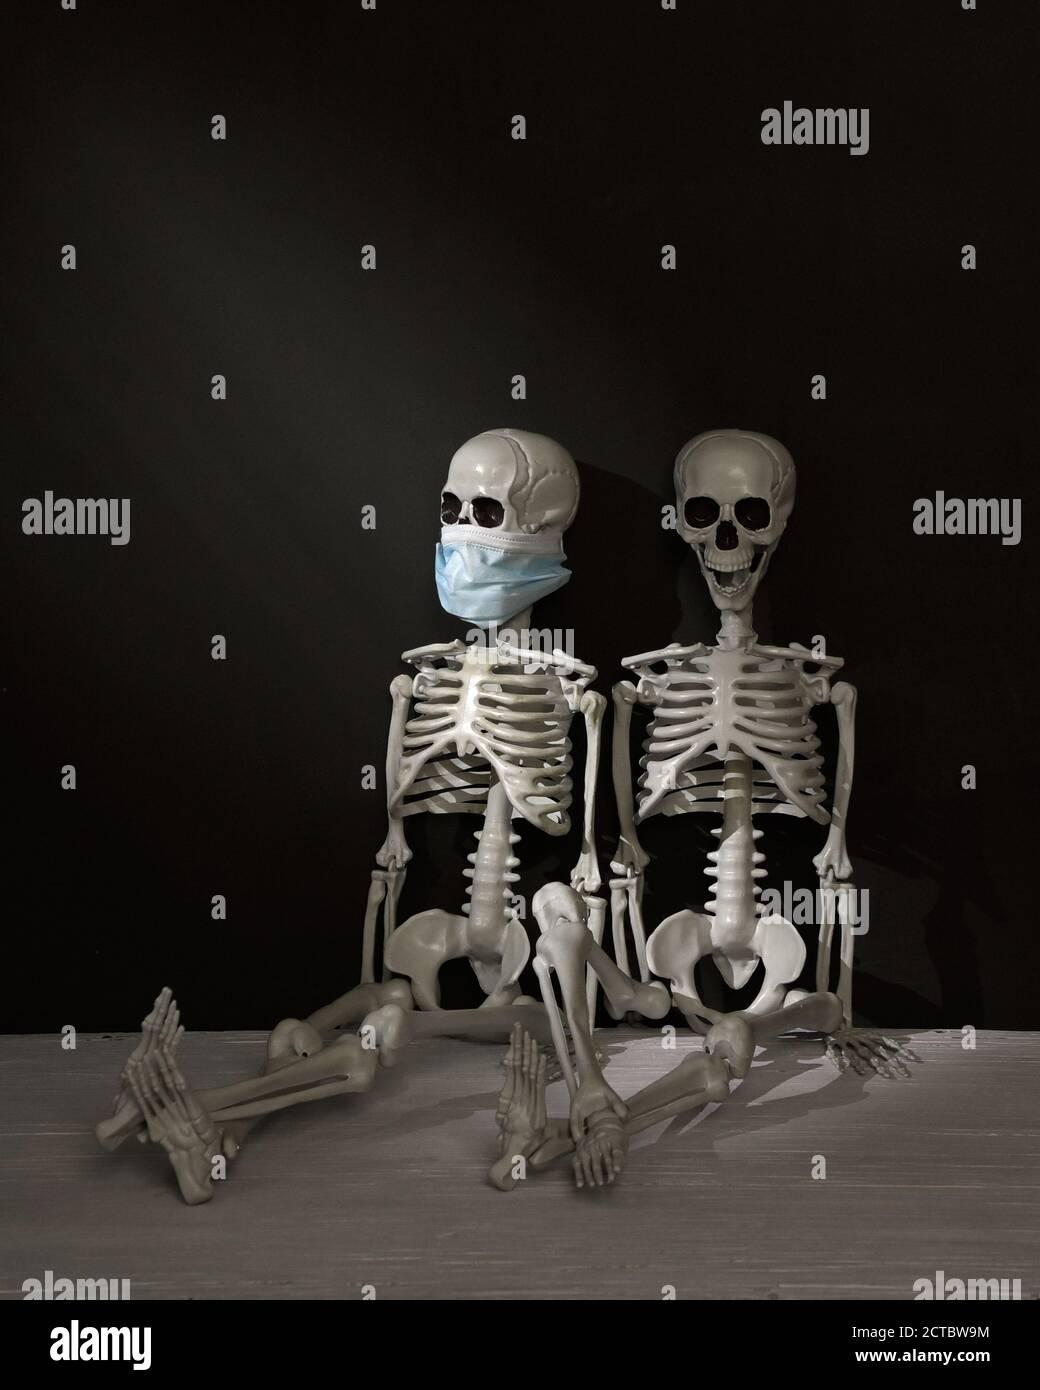 Zwei Skelette sitzen in einem dunklen Raum. Einer trägt eine Maske und der andere ist nicht für einen dunklen Humor Anti-Maske Konzept während der covid 19 Pandemie. Stockfoto